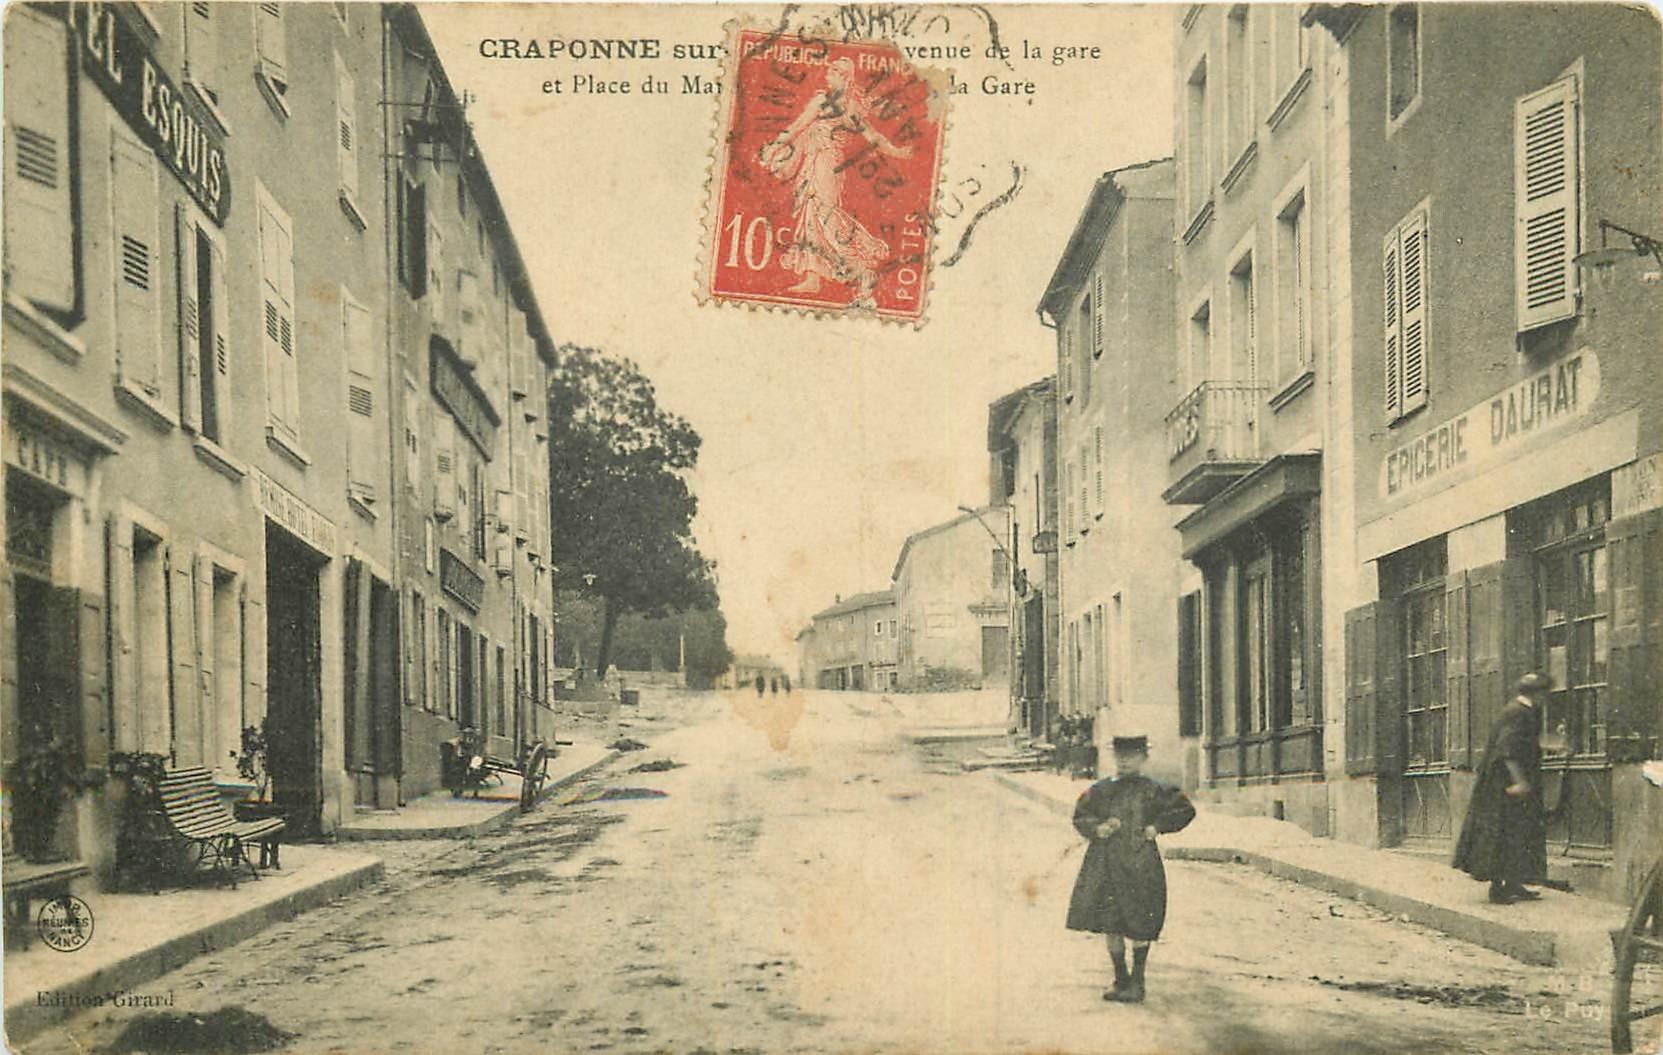 WW 43 CRAPONNE-SUR-ARZON. Hôtel Esquis et Epicerie Avenue de la Gare 1910